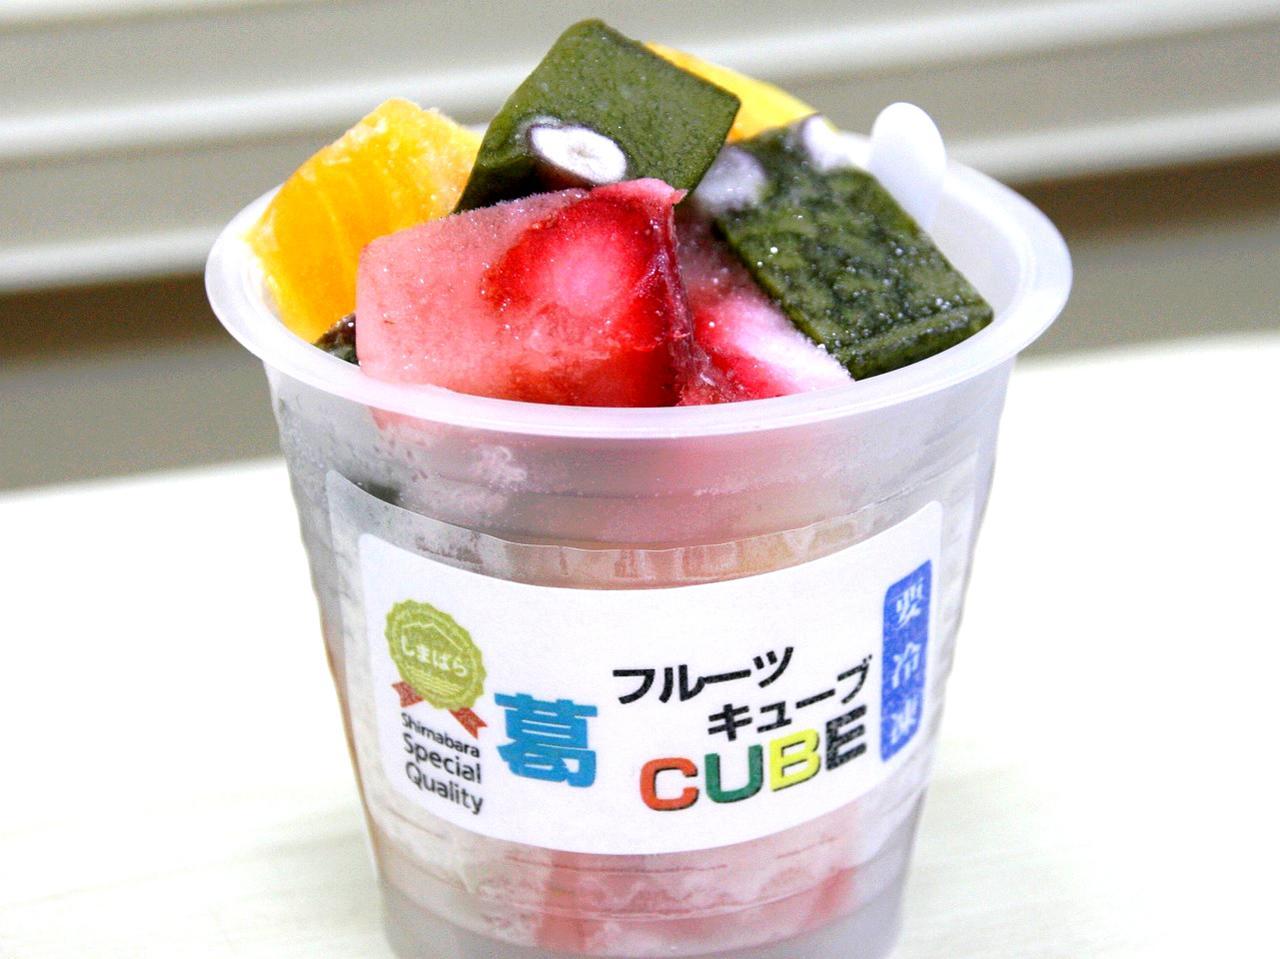 画像: 夏期限定の「葛フルーツキューブCUBE」。森崎果樹園の果物などを使用した冷菓